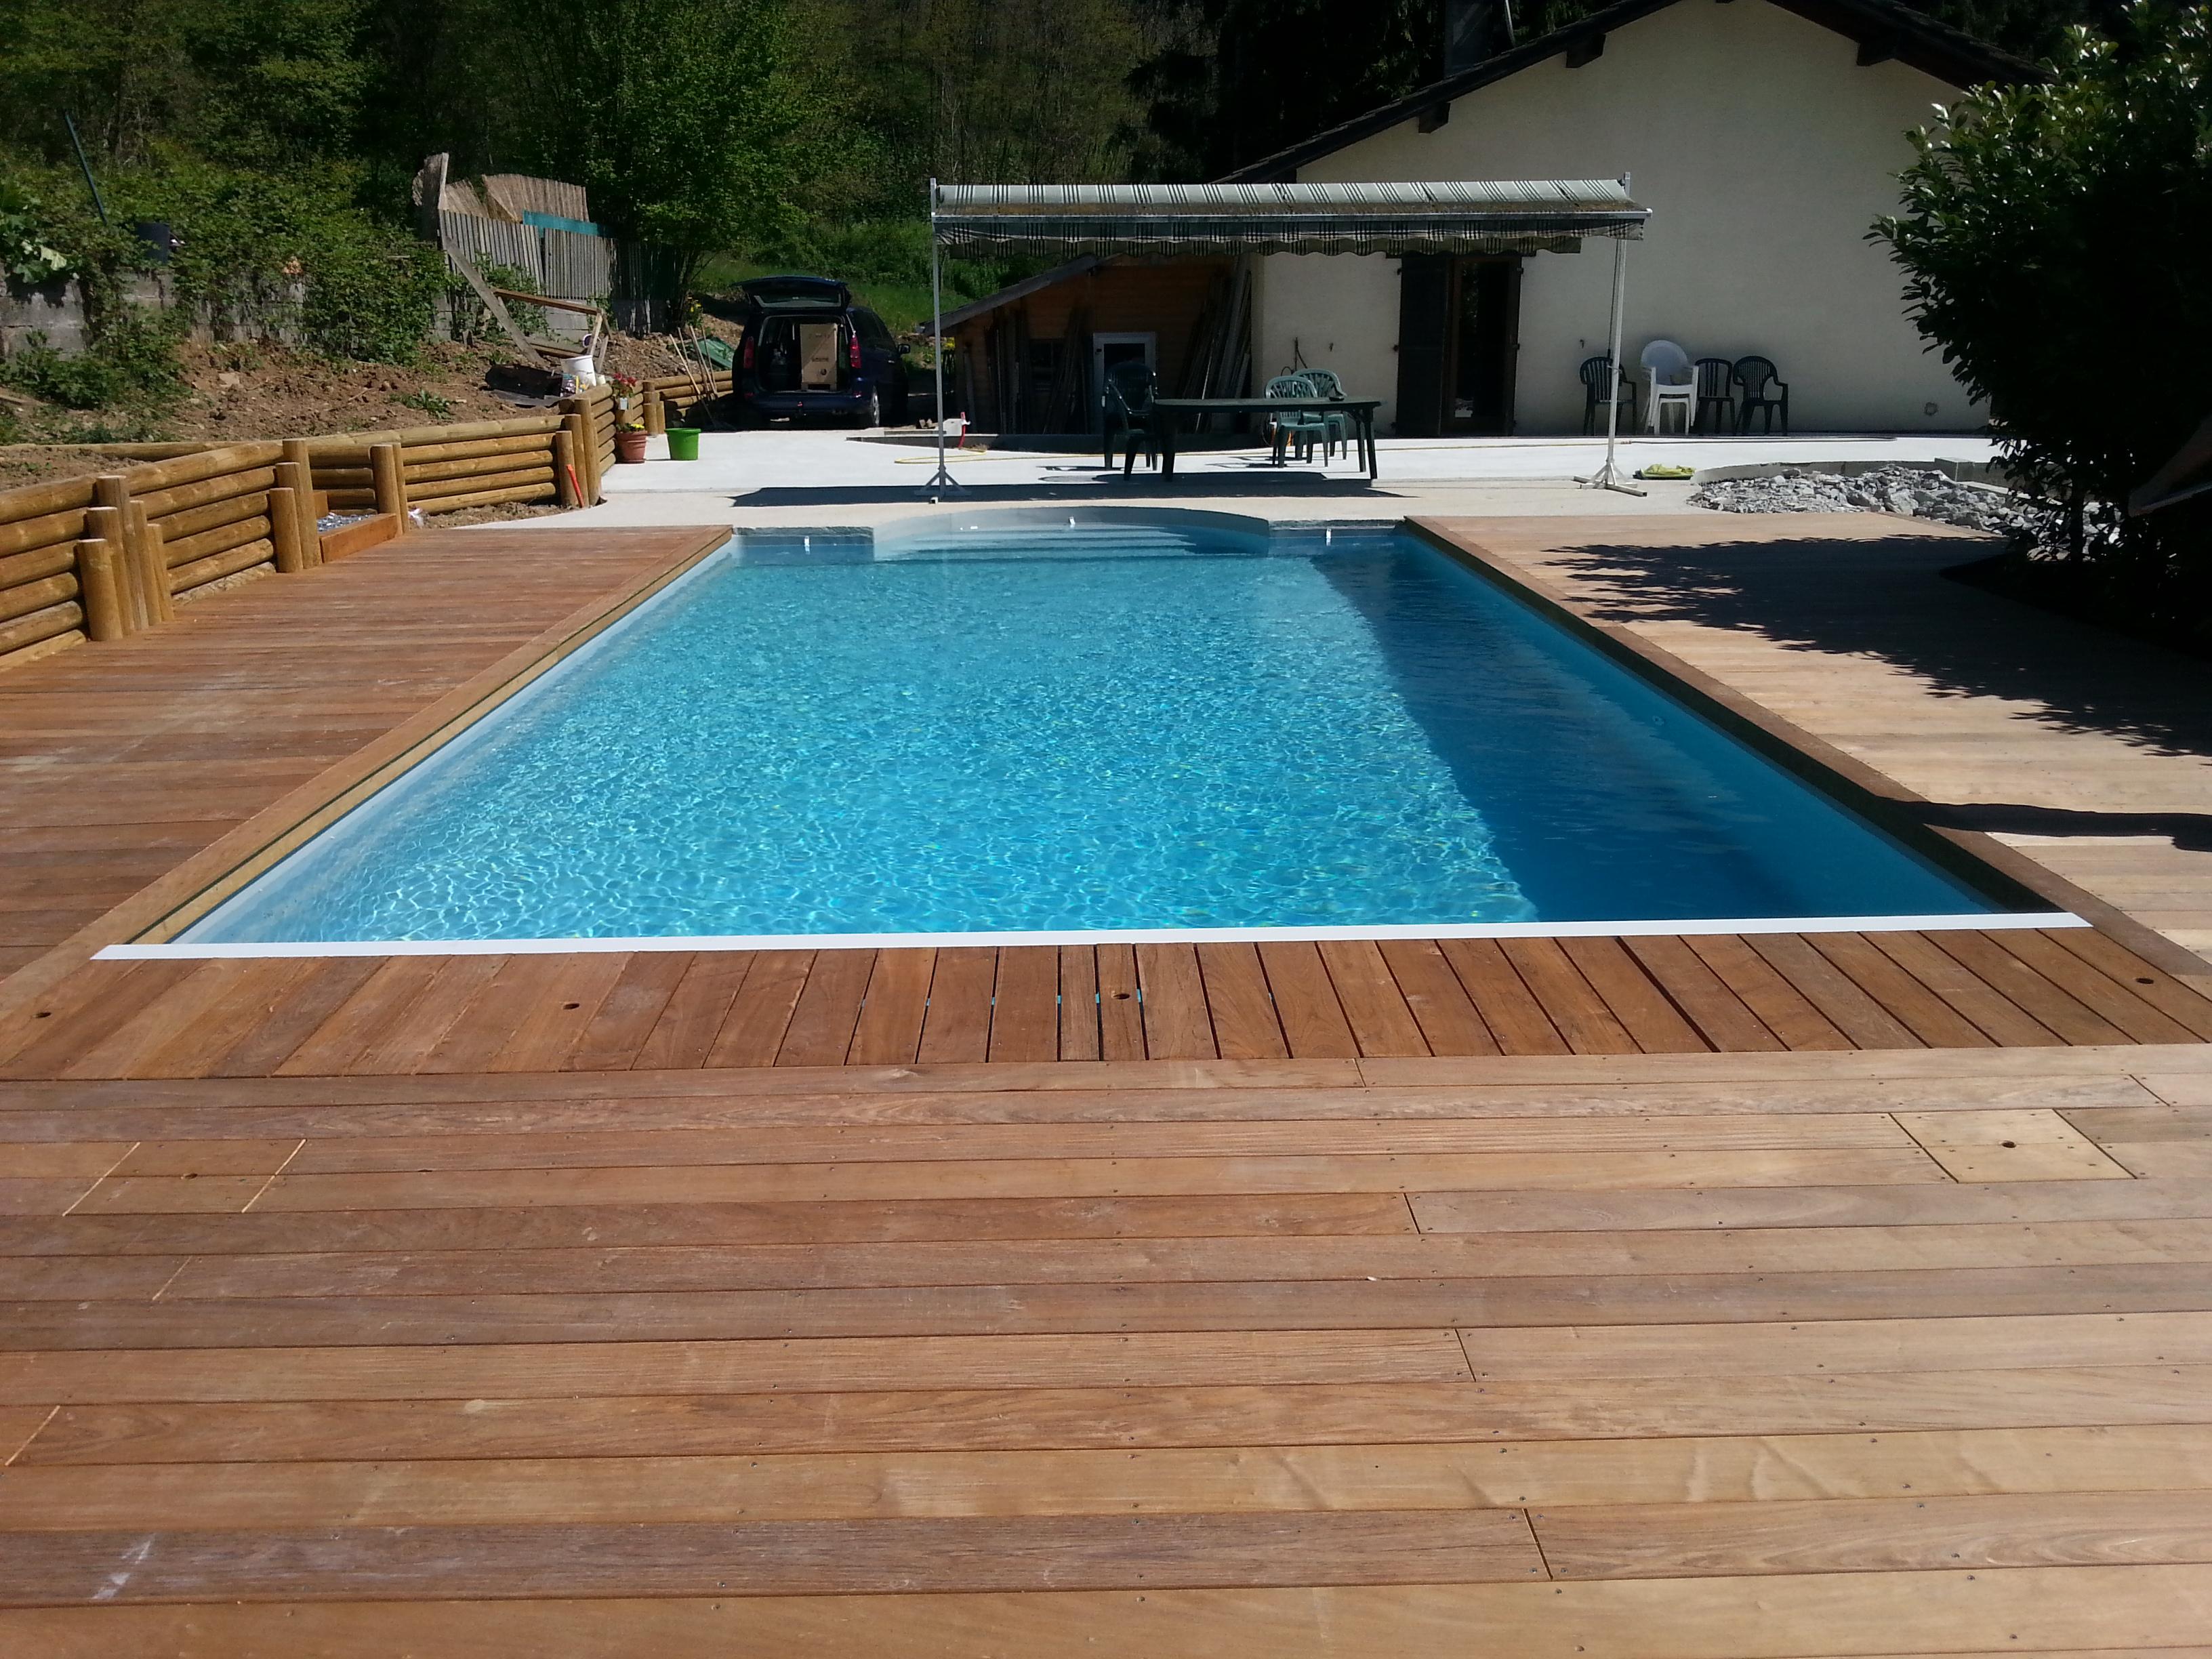 Renovation de piscine annecy r novation de piscine aix for Piscine seynod